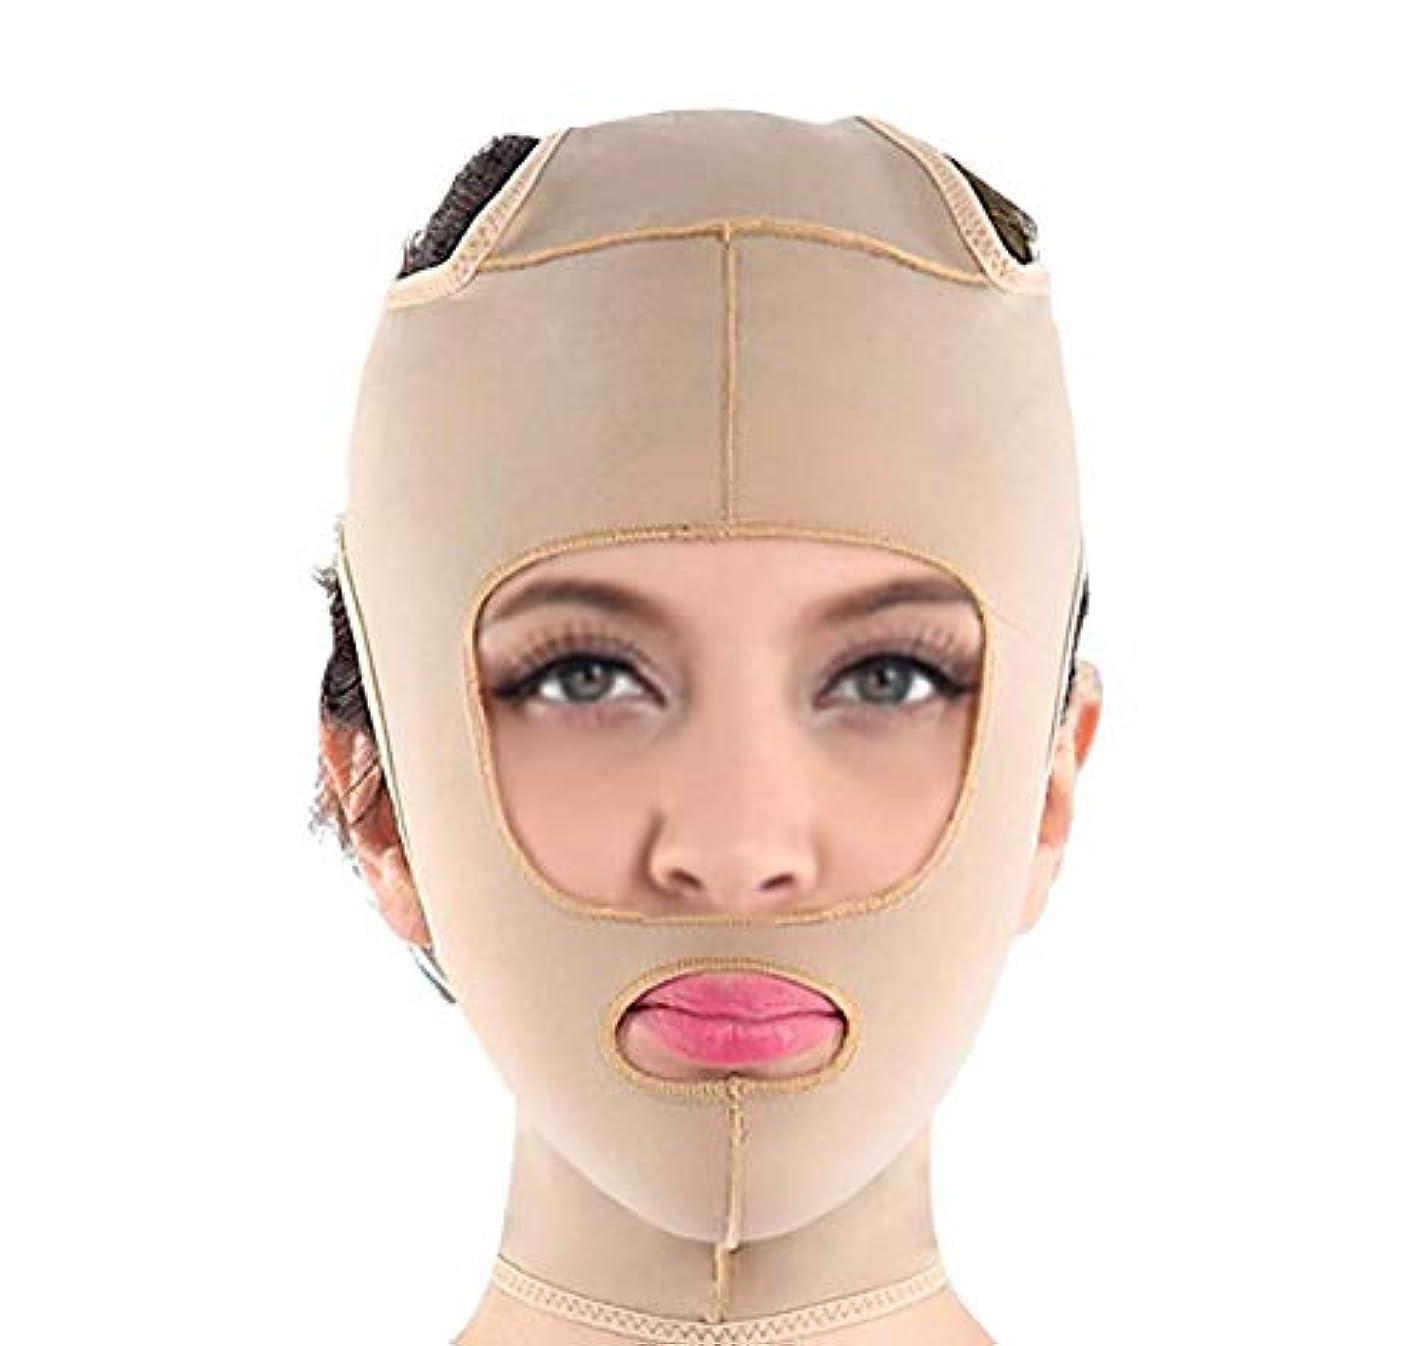 ロードハウスサイクル横たわるフェイスリフティングマスクで肌をしっかりと保ち、顔の筋肉の垂れ下がりや顔の美しい輪郭の整形を防止します(サイズ:Xl),ザ?